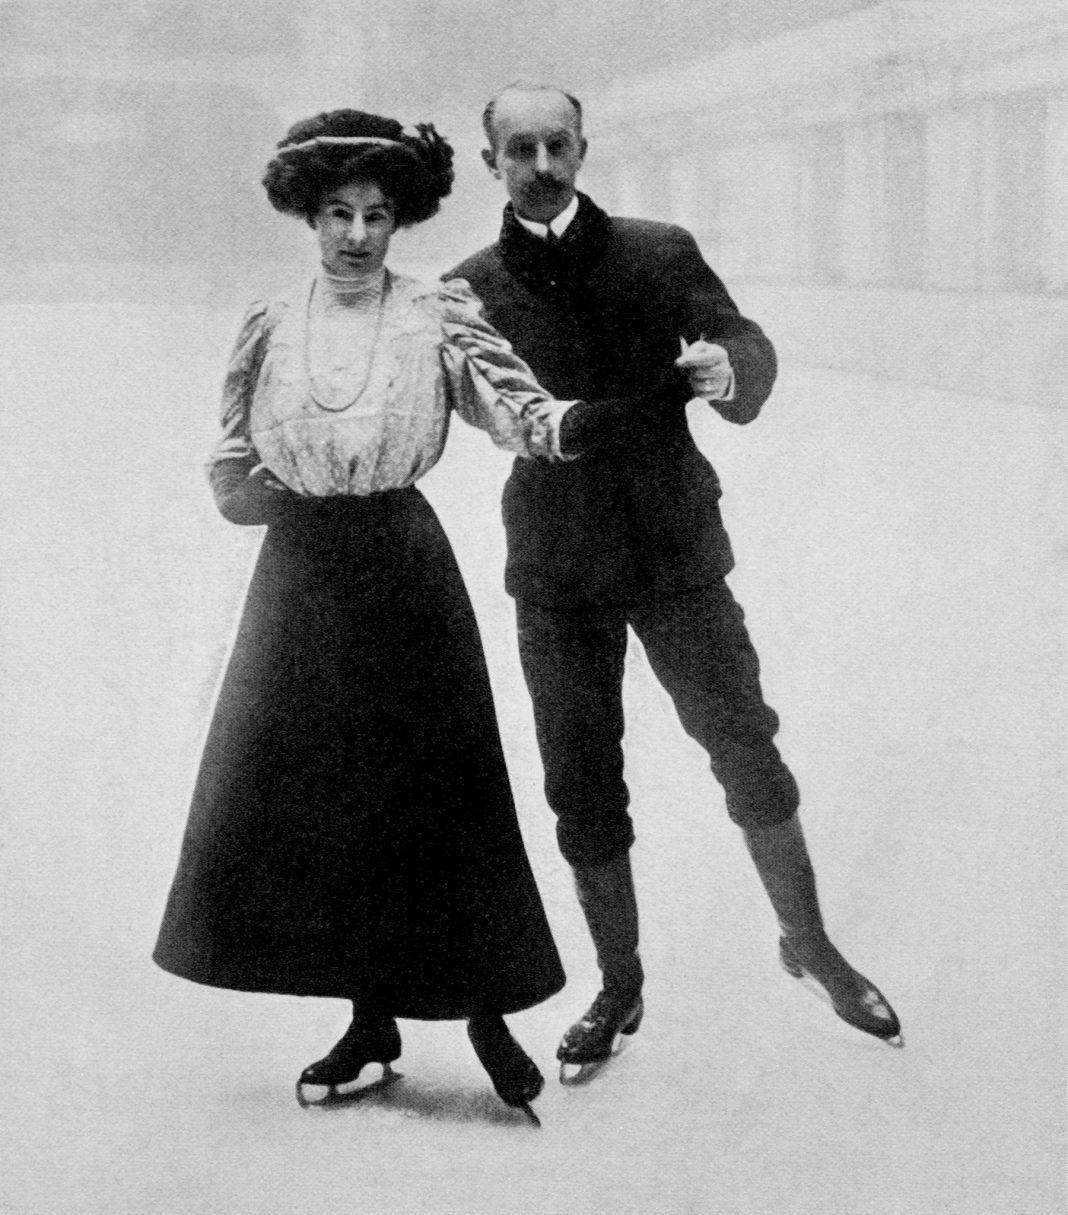 Un homme et une femme faisant du patinage artistique en 1908 (© PA Images Archive/Getty Images